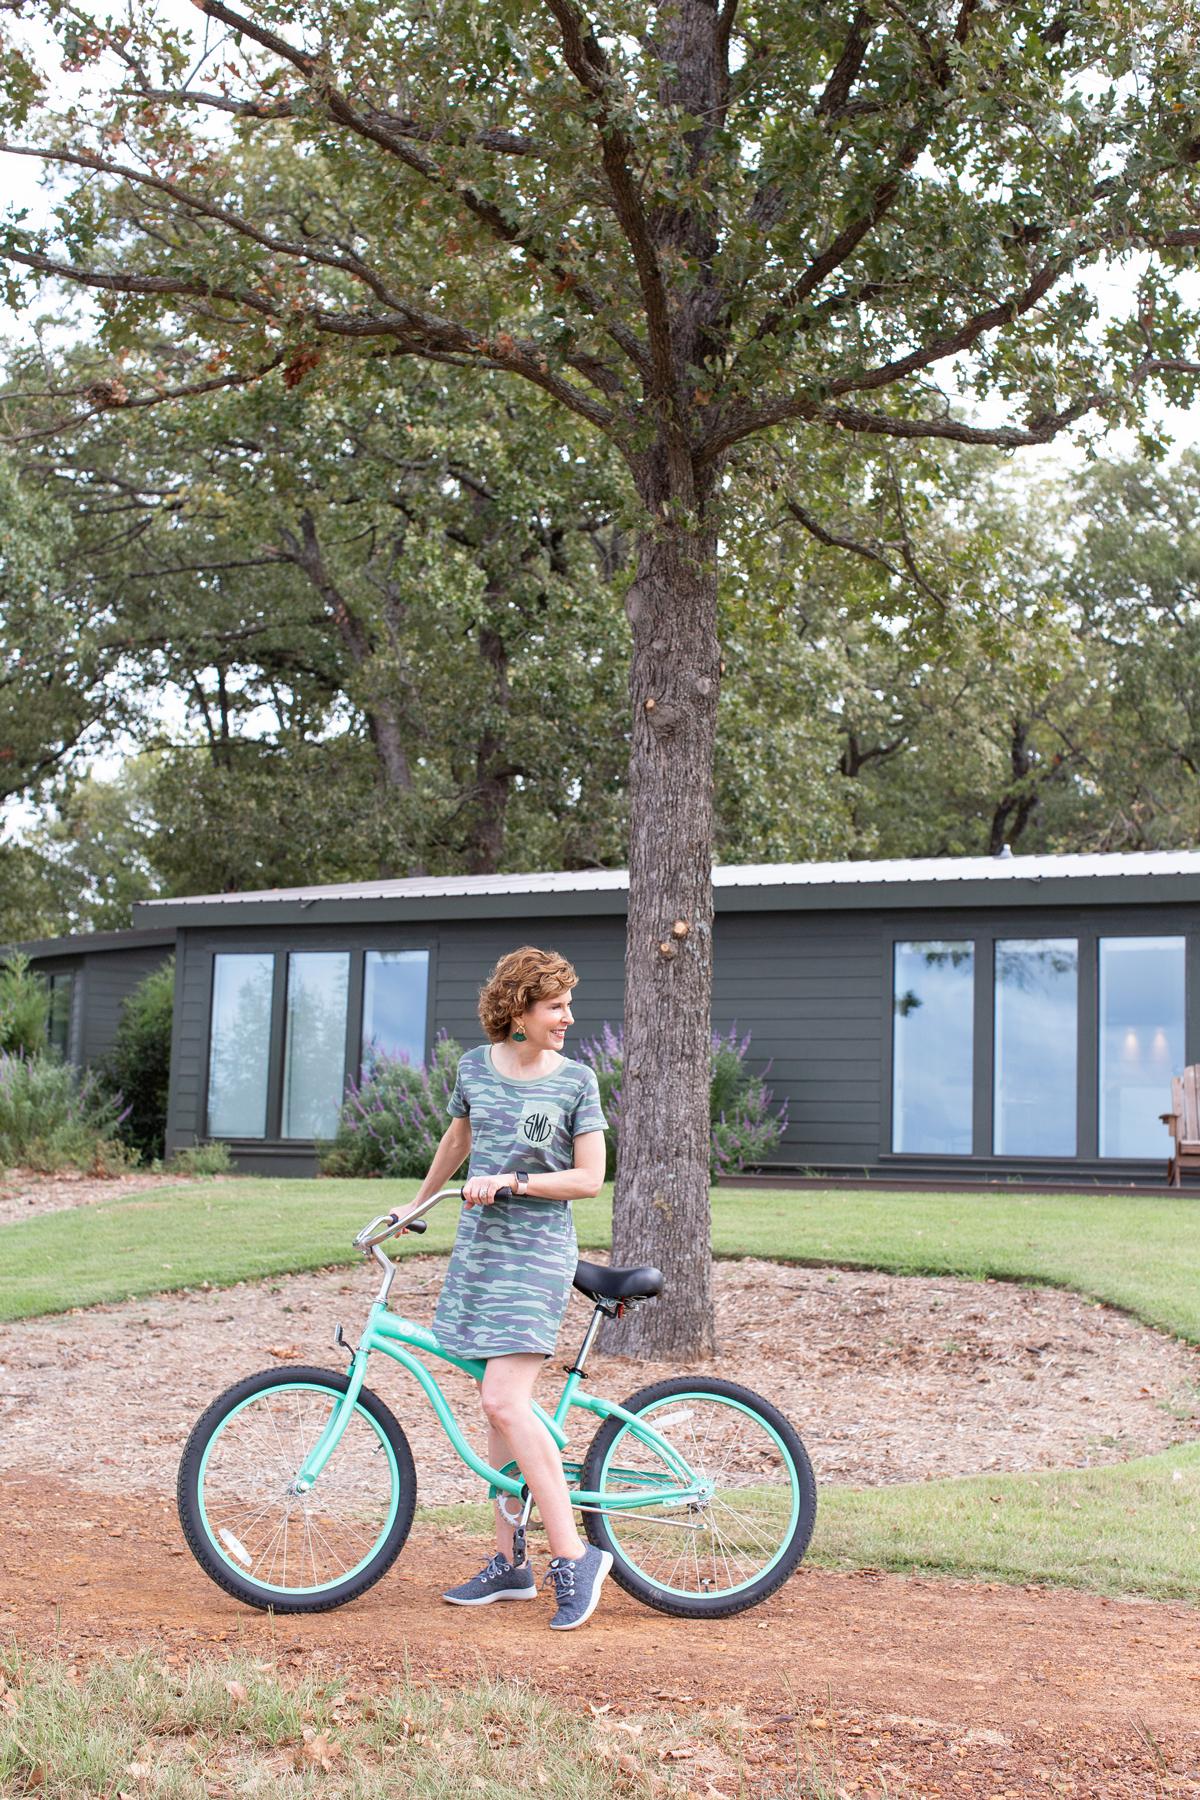 woman wearing camo dress riding a bike